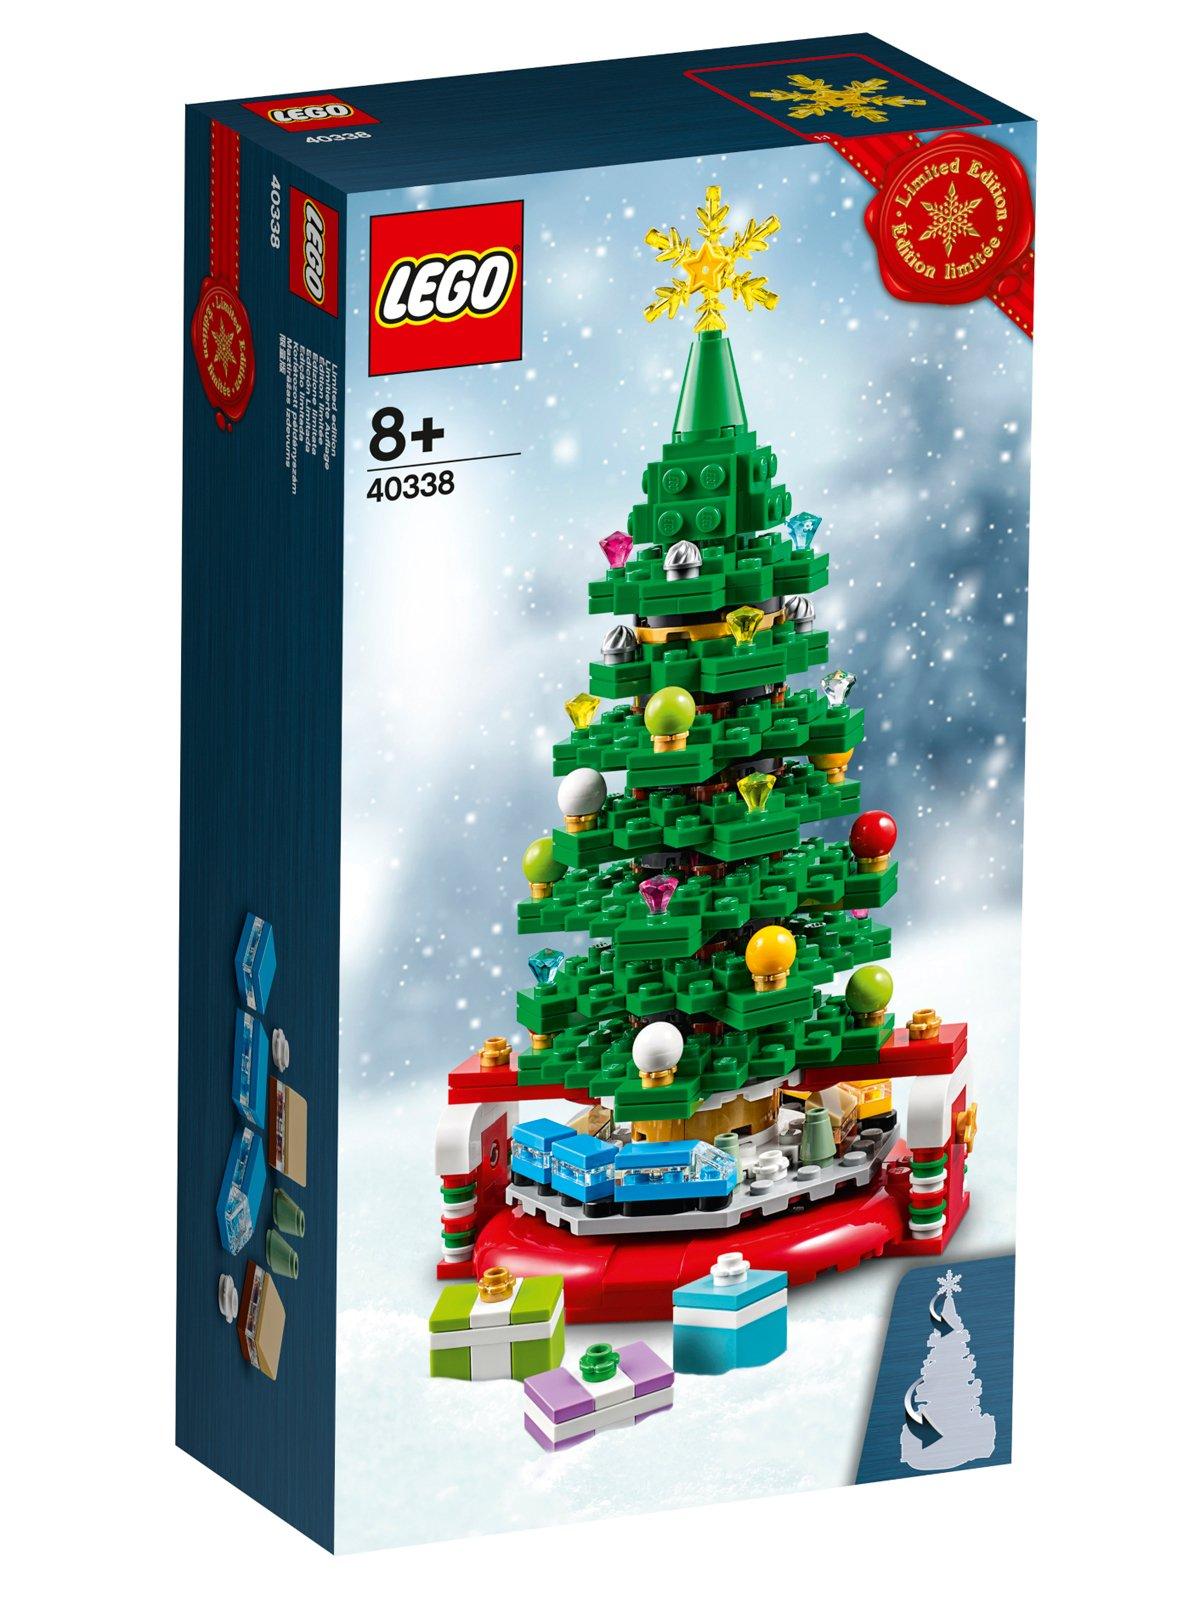 Lego Christmas Promotion 2020 2019 LEGO Christmas Tree (40338) Gift With Purchase Set Revealed